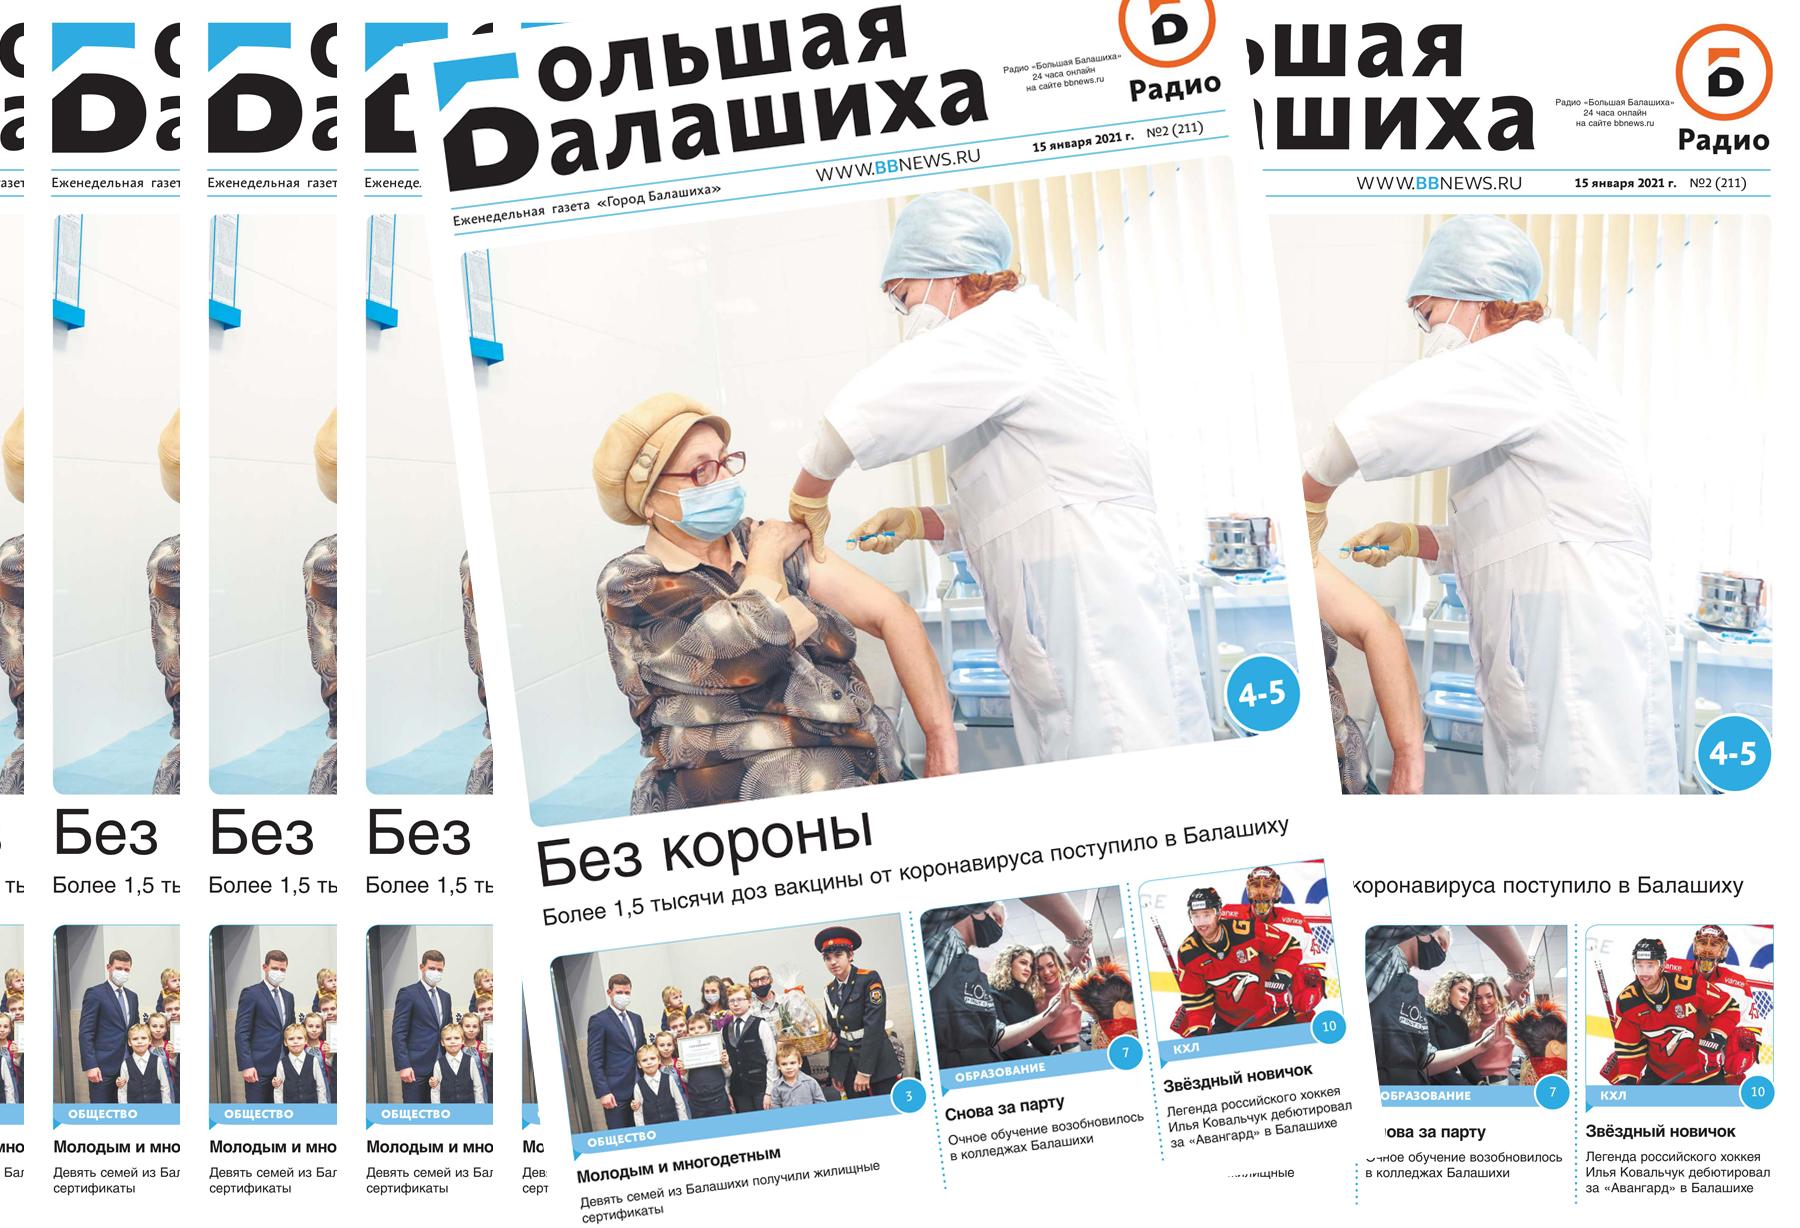 Вышла газета «Город Балашиха» №2 (211)